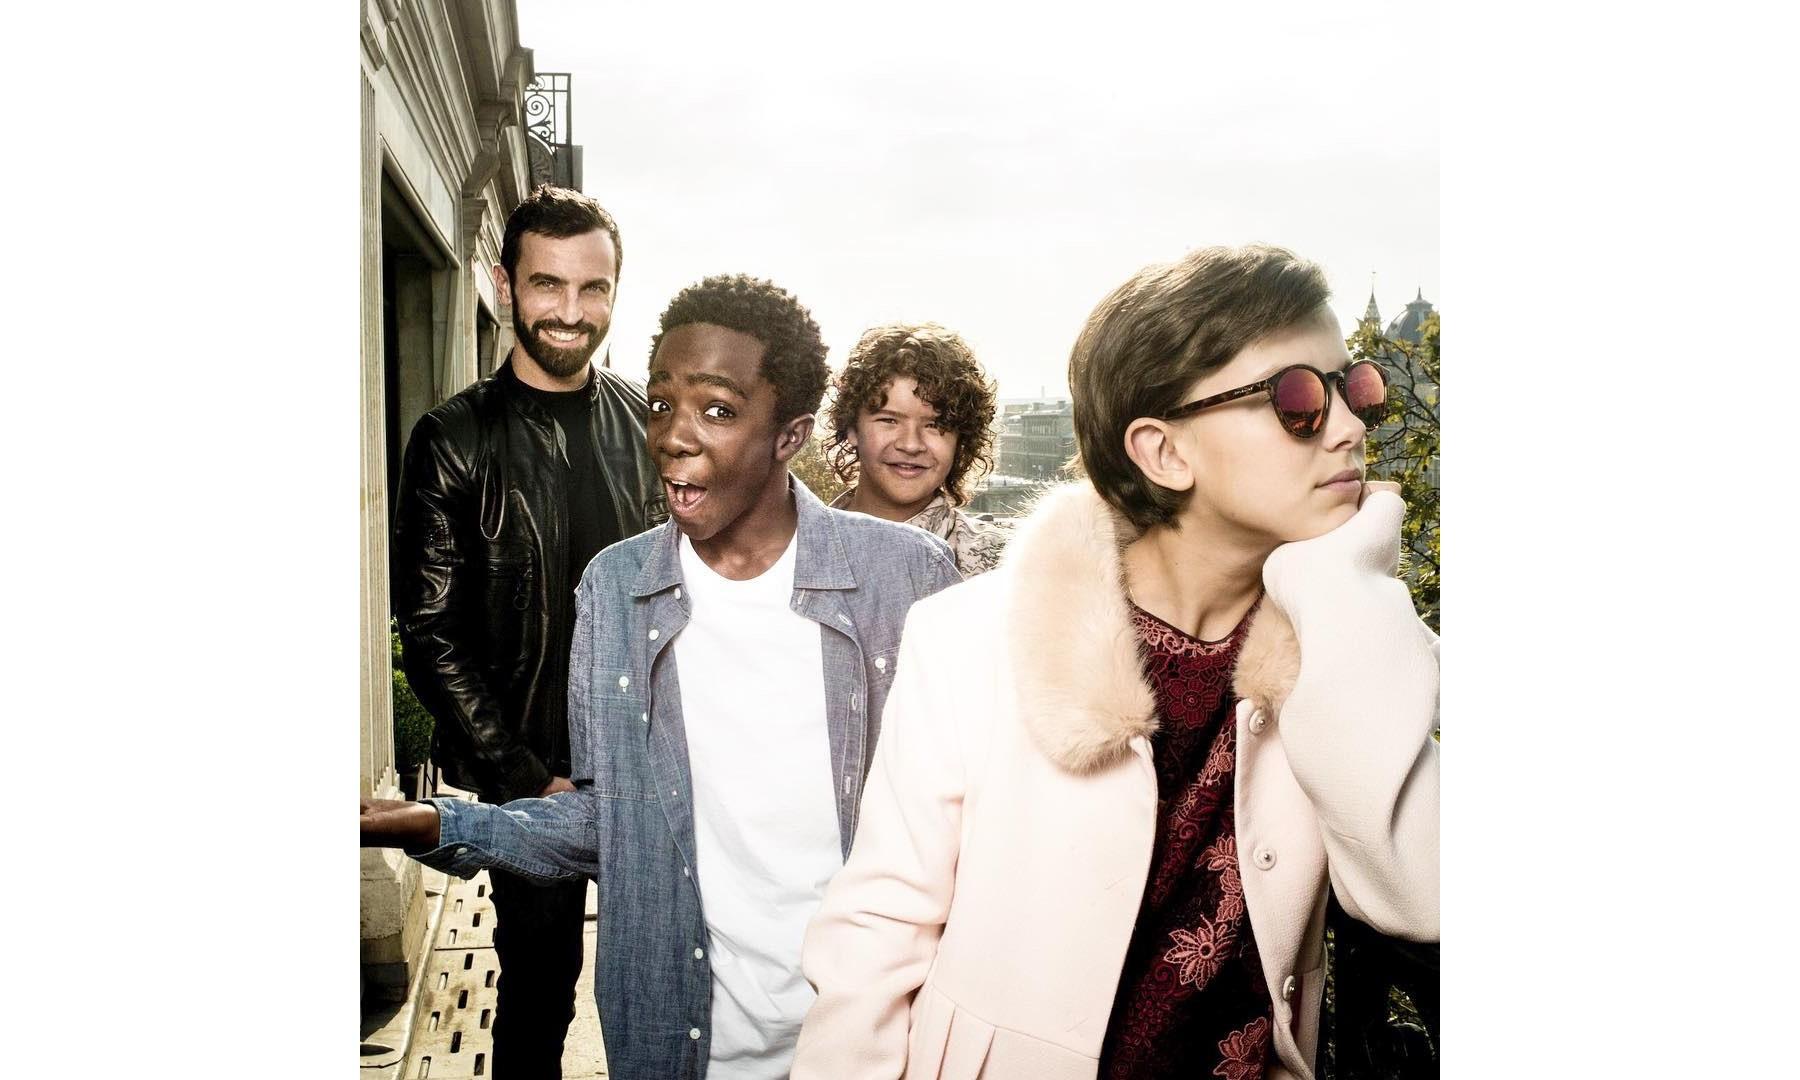 """《怪奇物语》中的小演员们这次又成了 Louis Vuitton 的 """"新目标"""""""